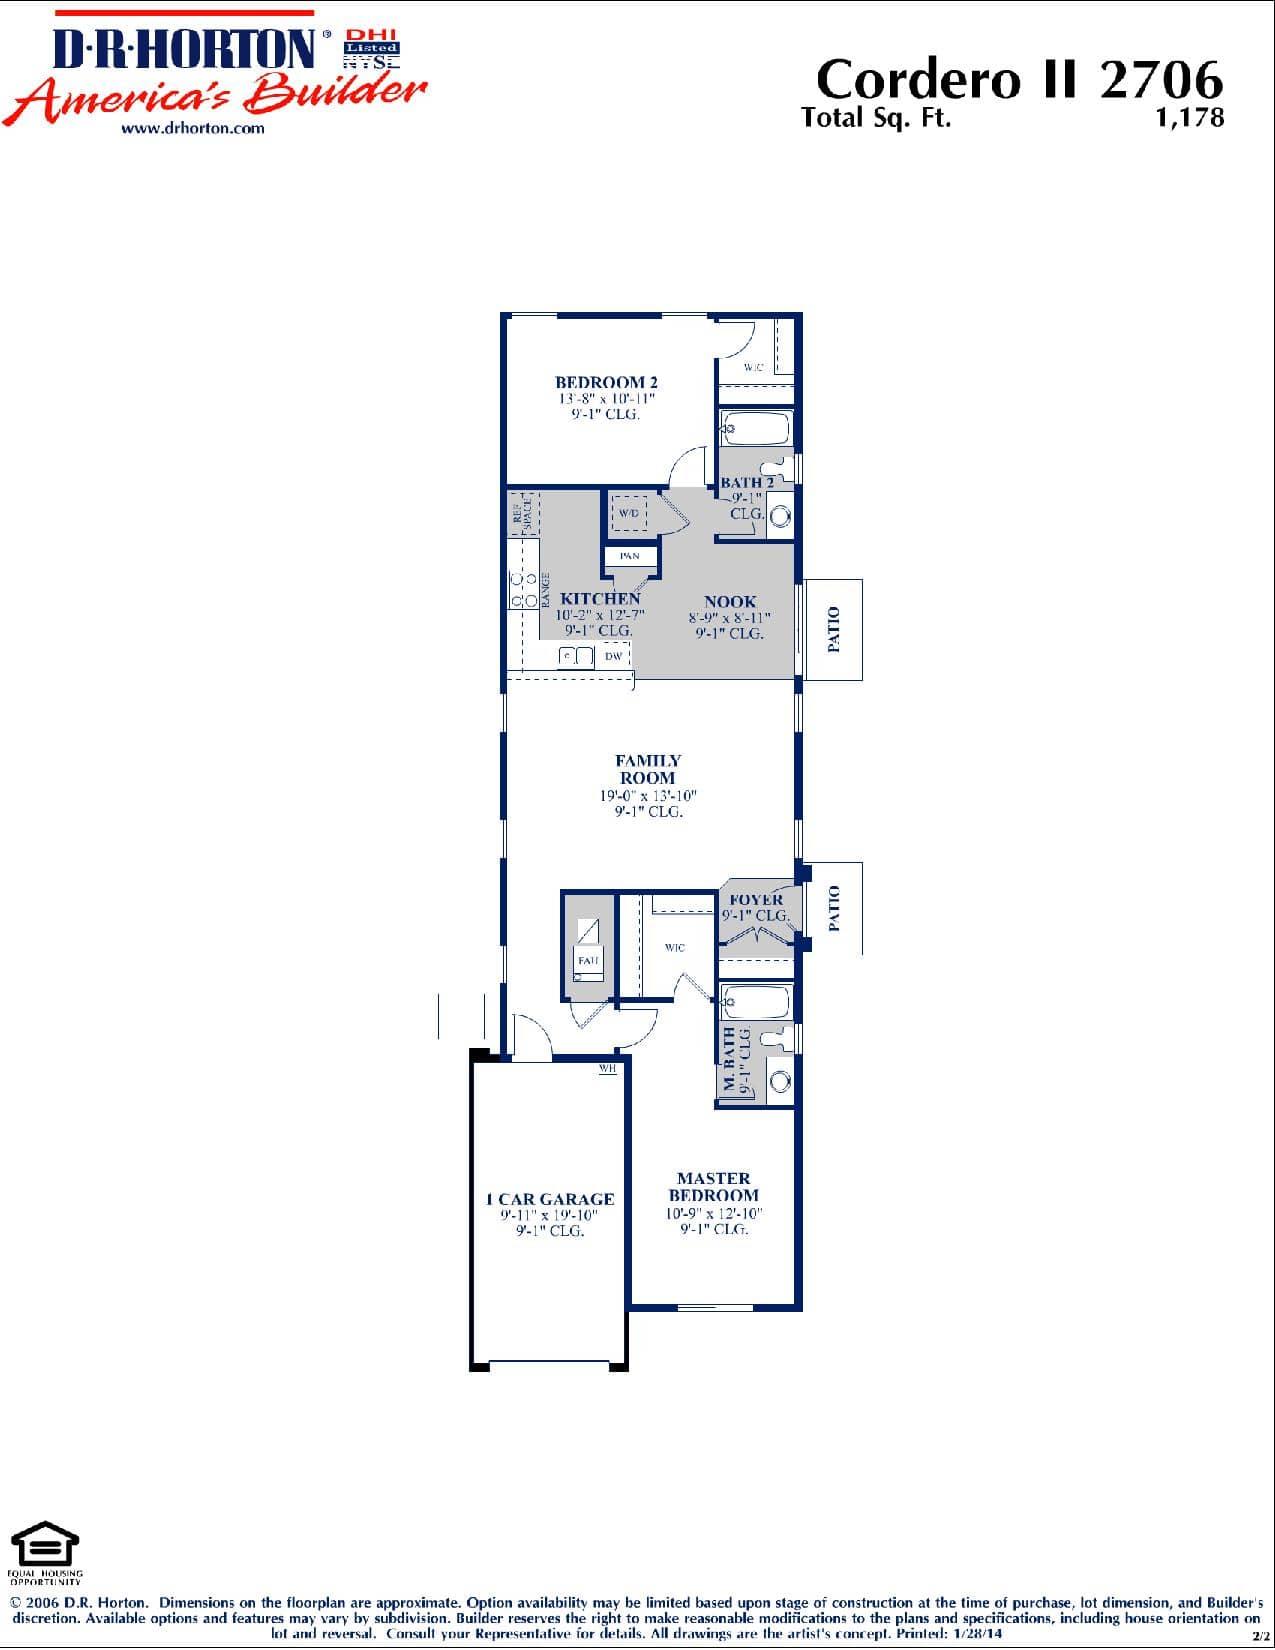 Cordero II Floor Plan .